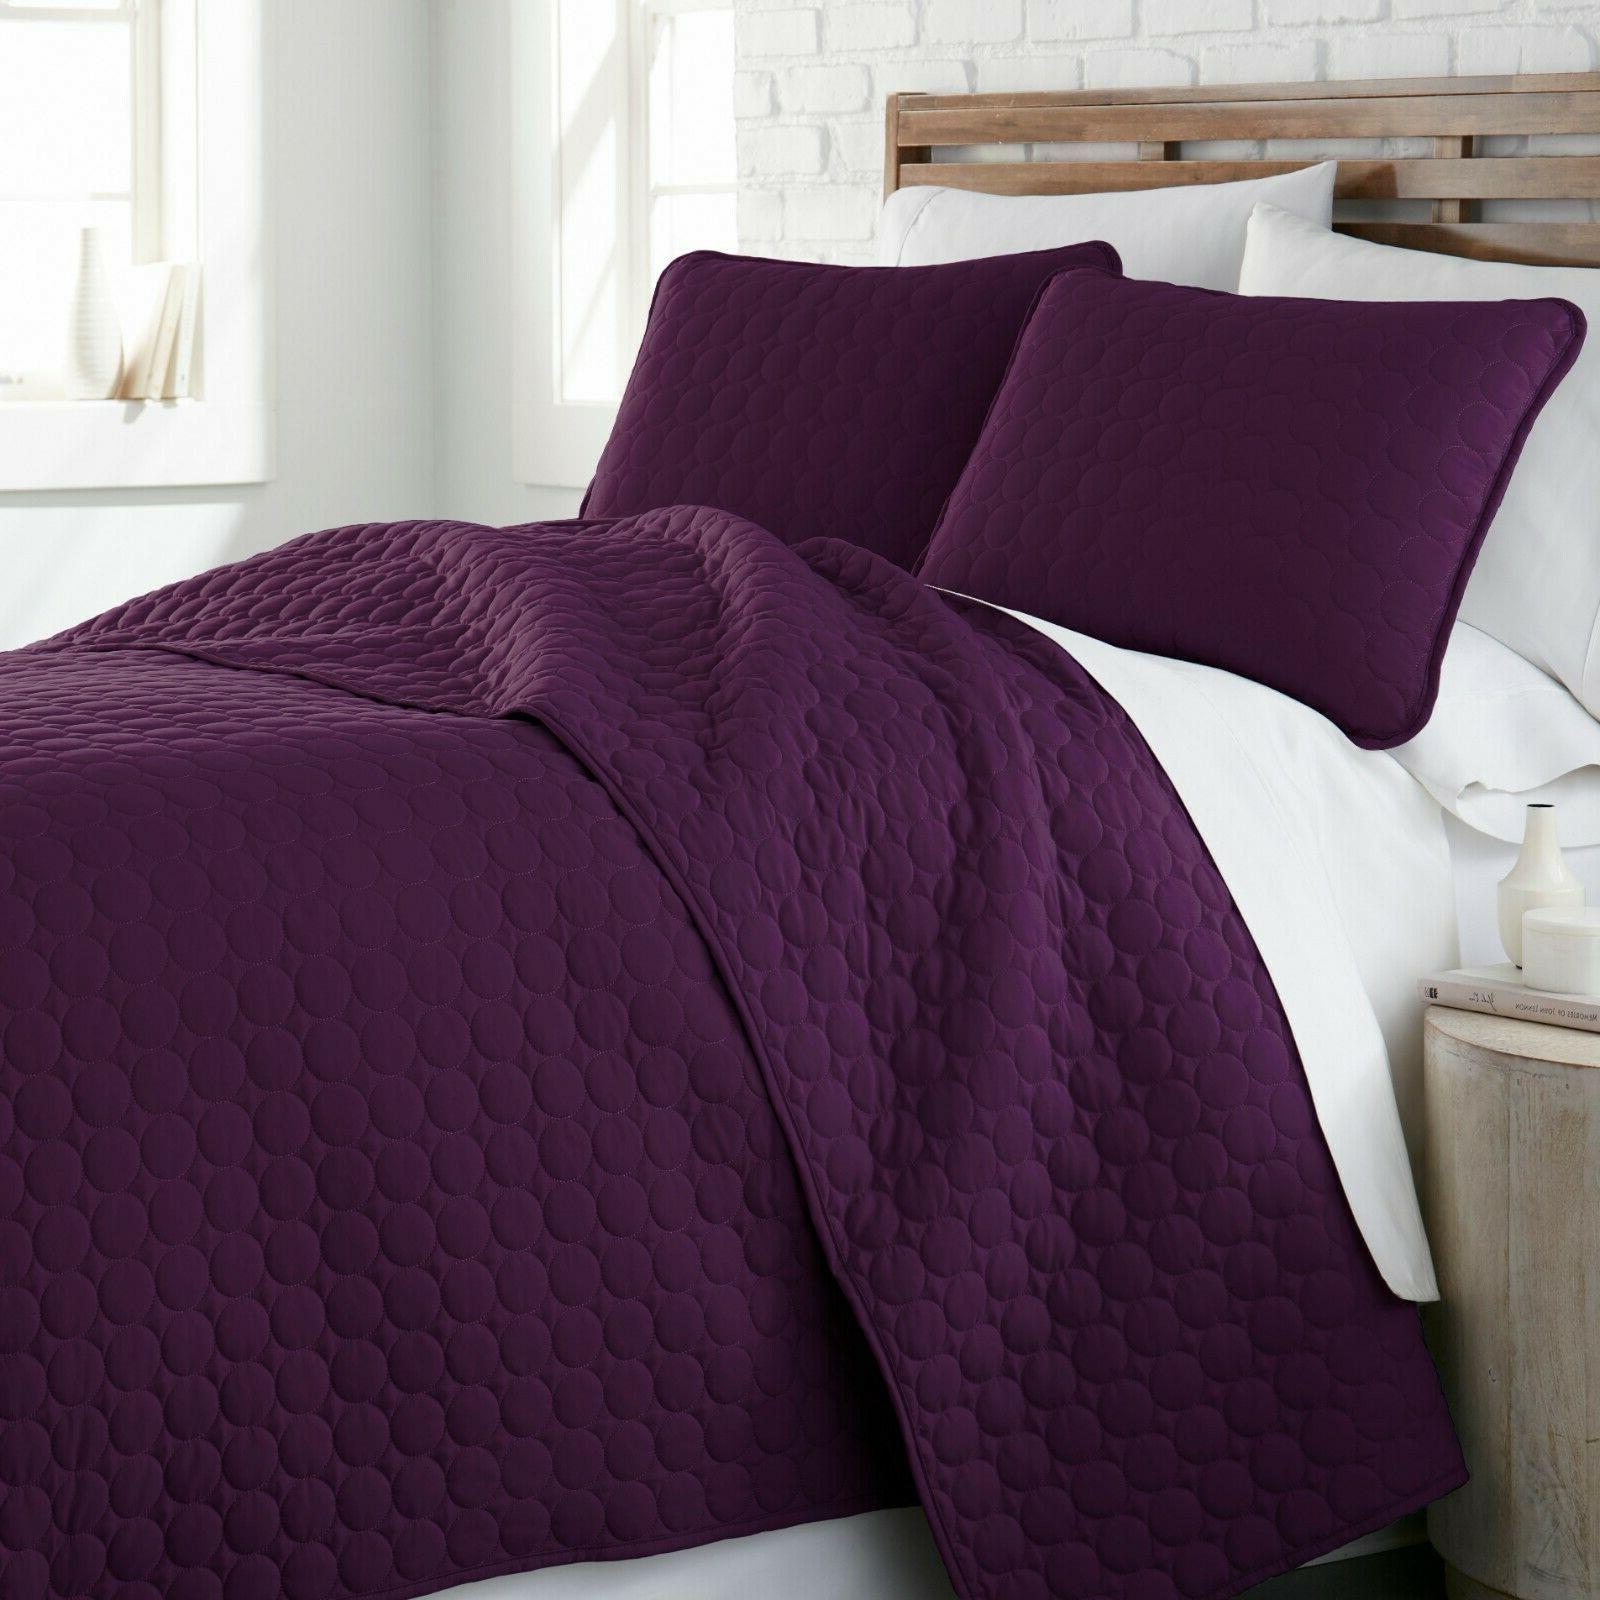 Ultra Soft 3-Piece Quilt Set Southshore Linens